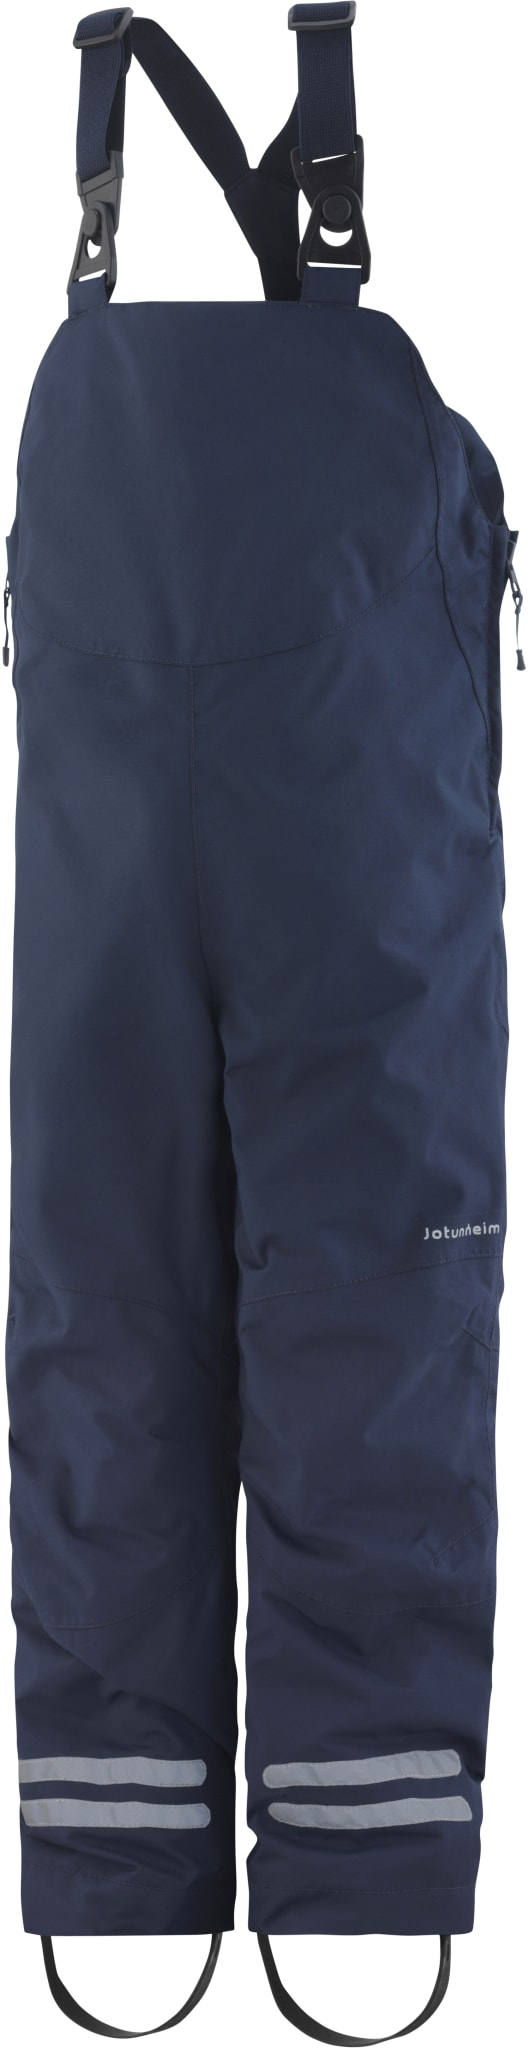 Gjende bukse Mini bib